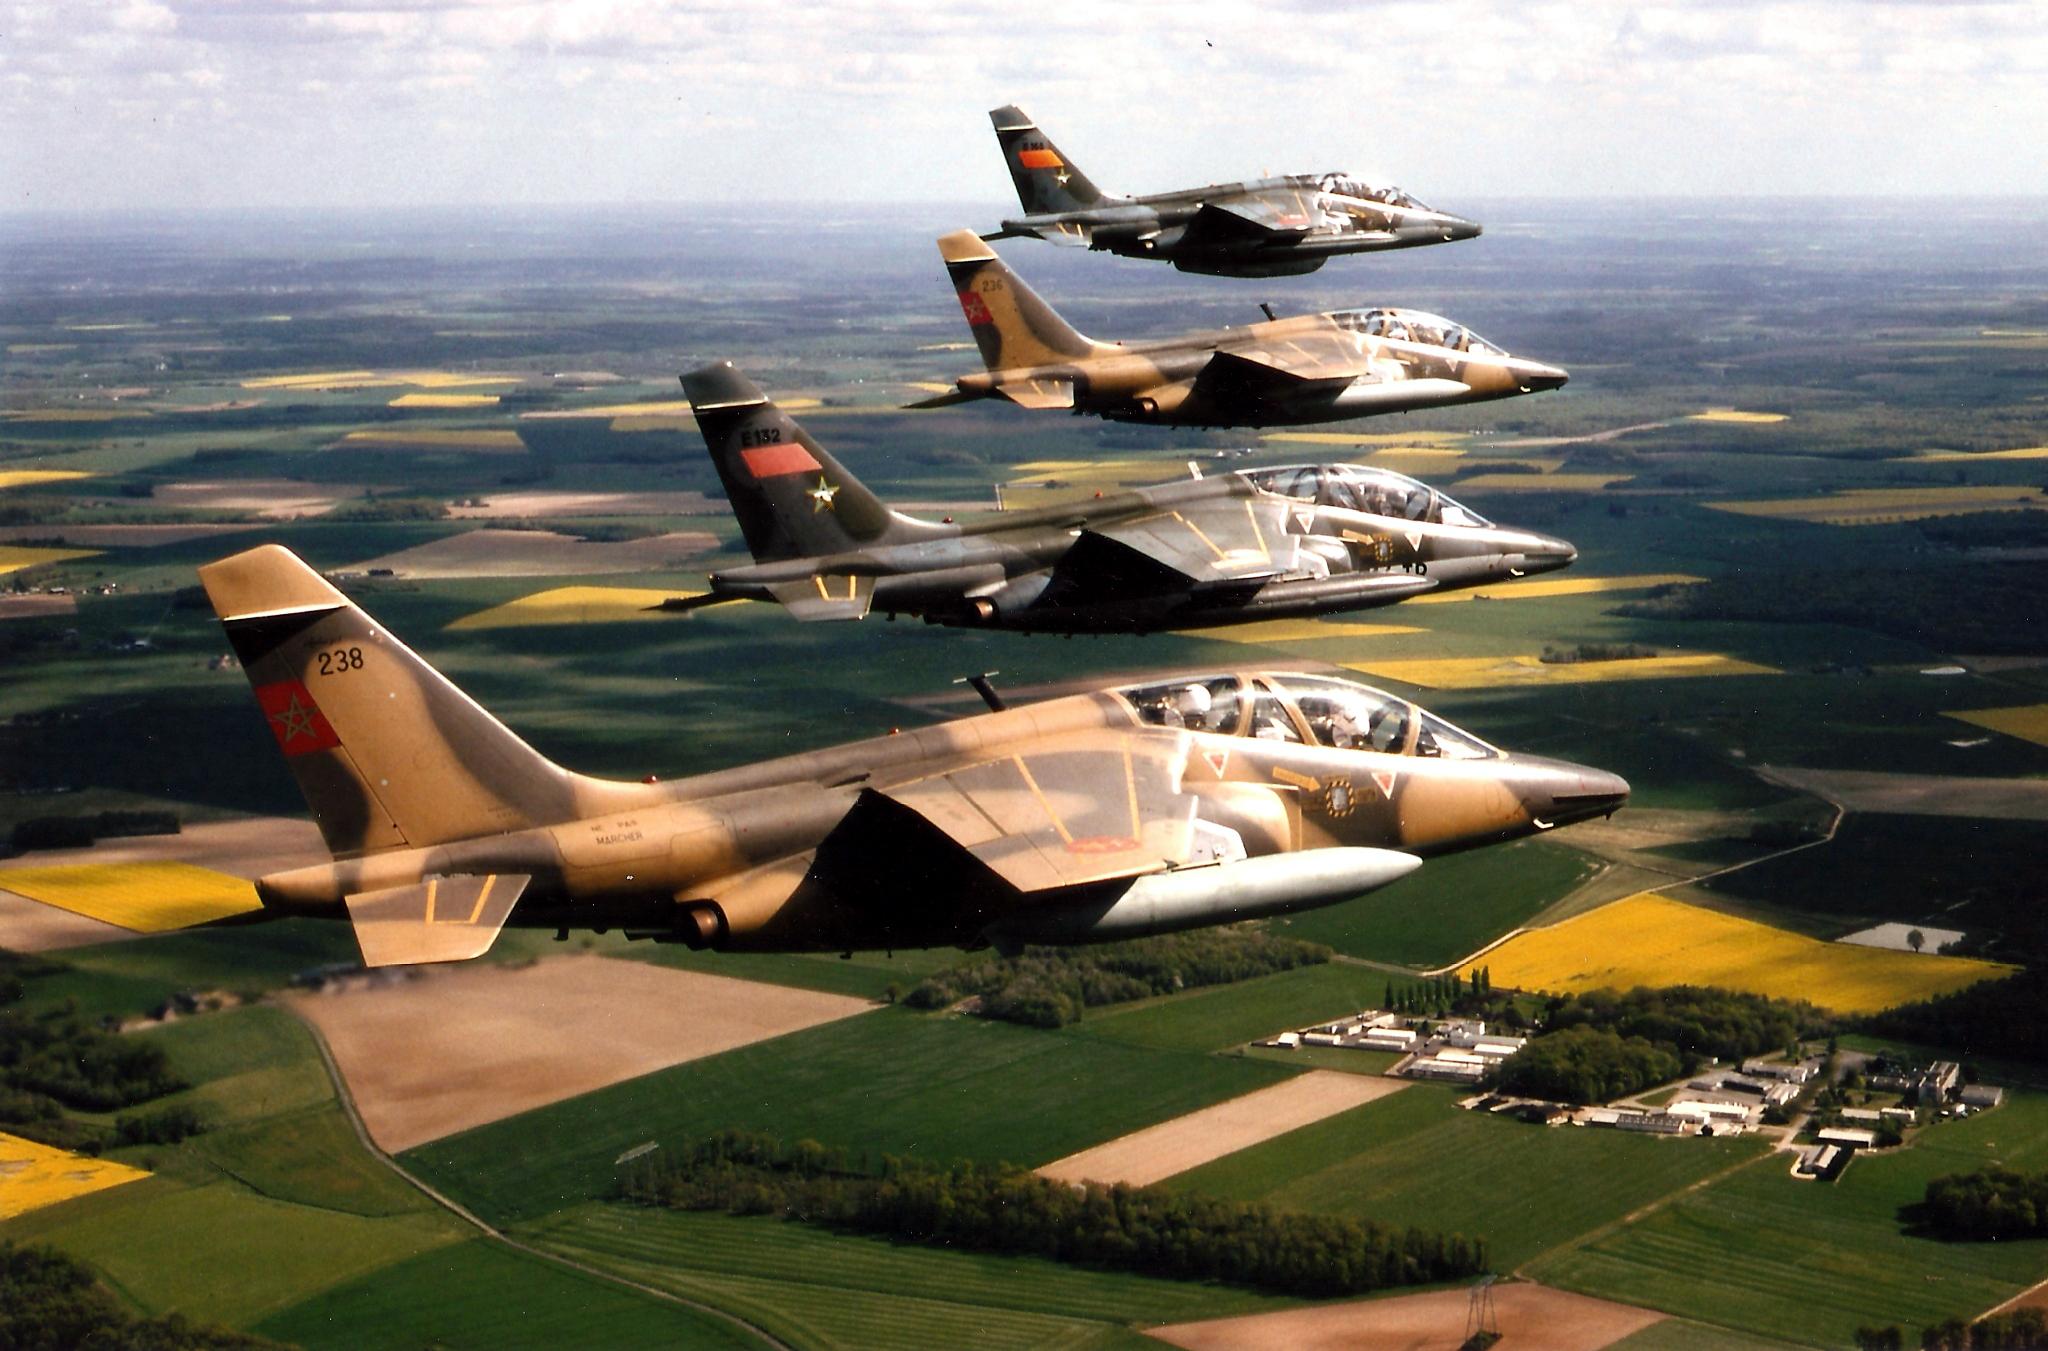 FRA: Photos avions d'entrainement et anti insurrection - Page 9 40707915633_9f5423bce7_o